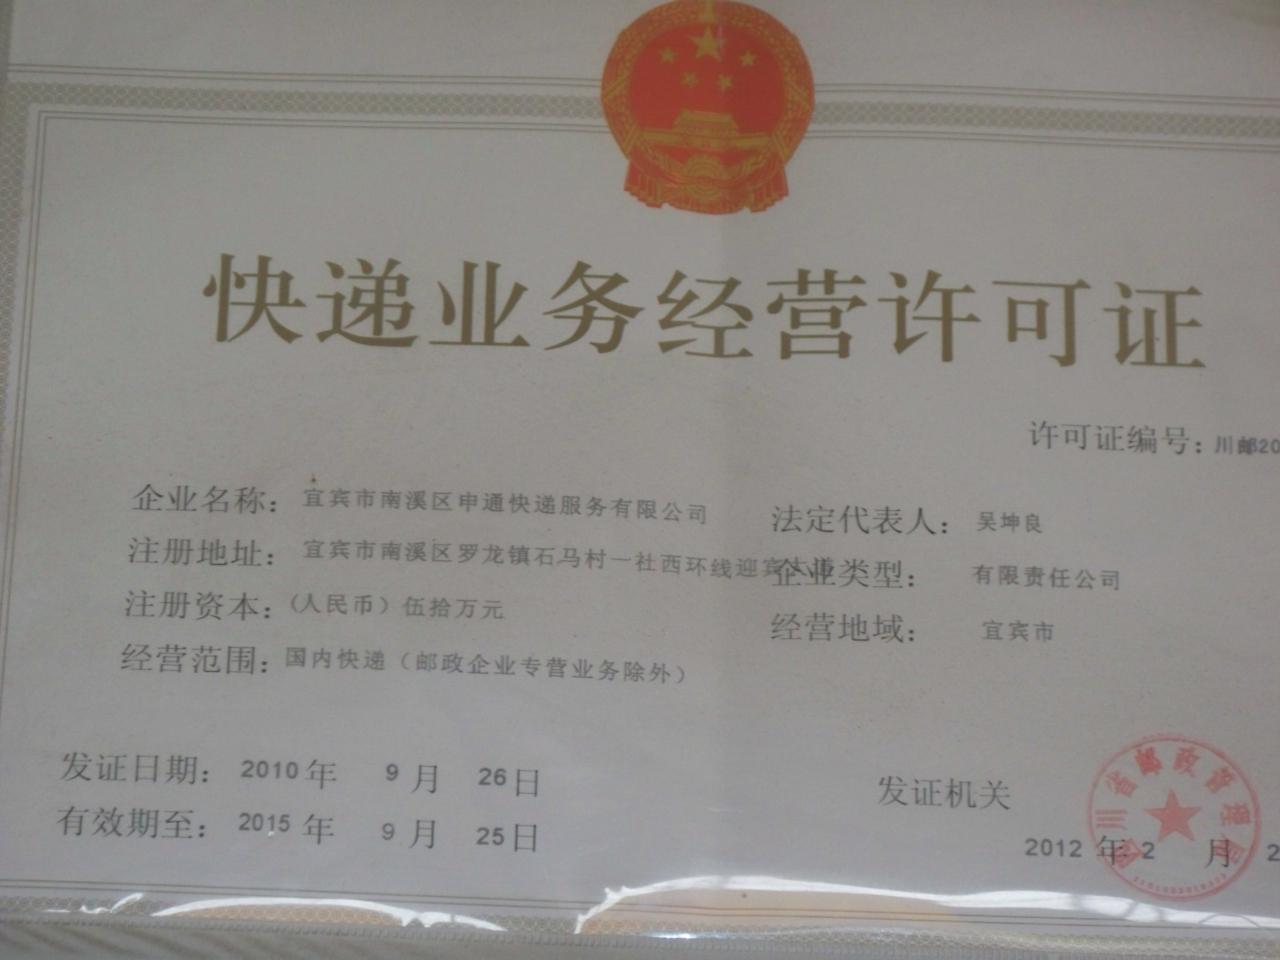 申通快递行业许可证1